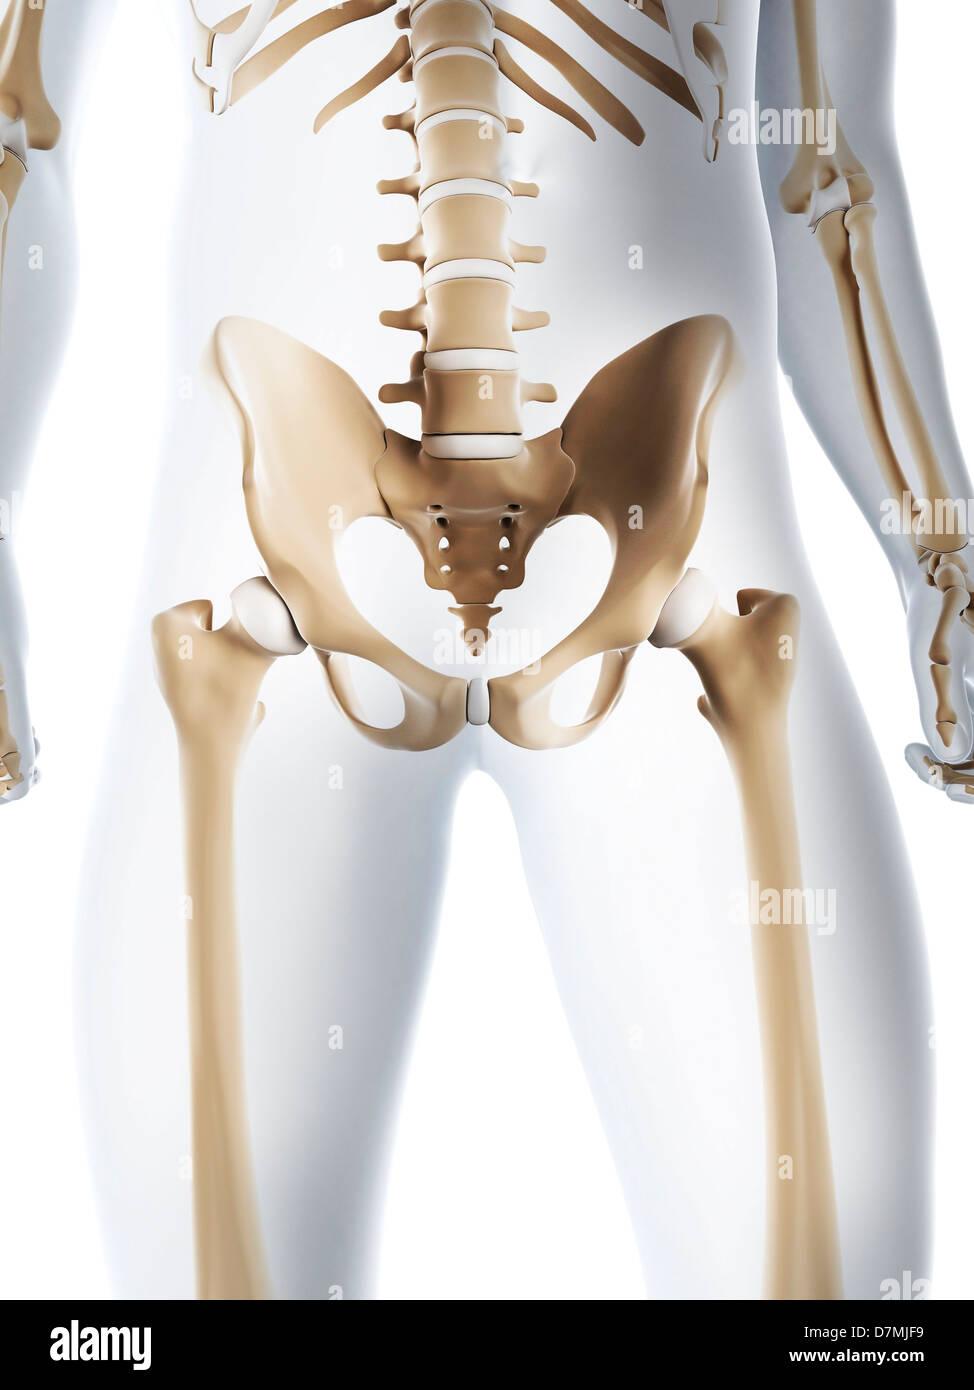 Großartig Anatomie Und Physiologie Knochen Praktisch Zeitgenössisch ...